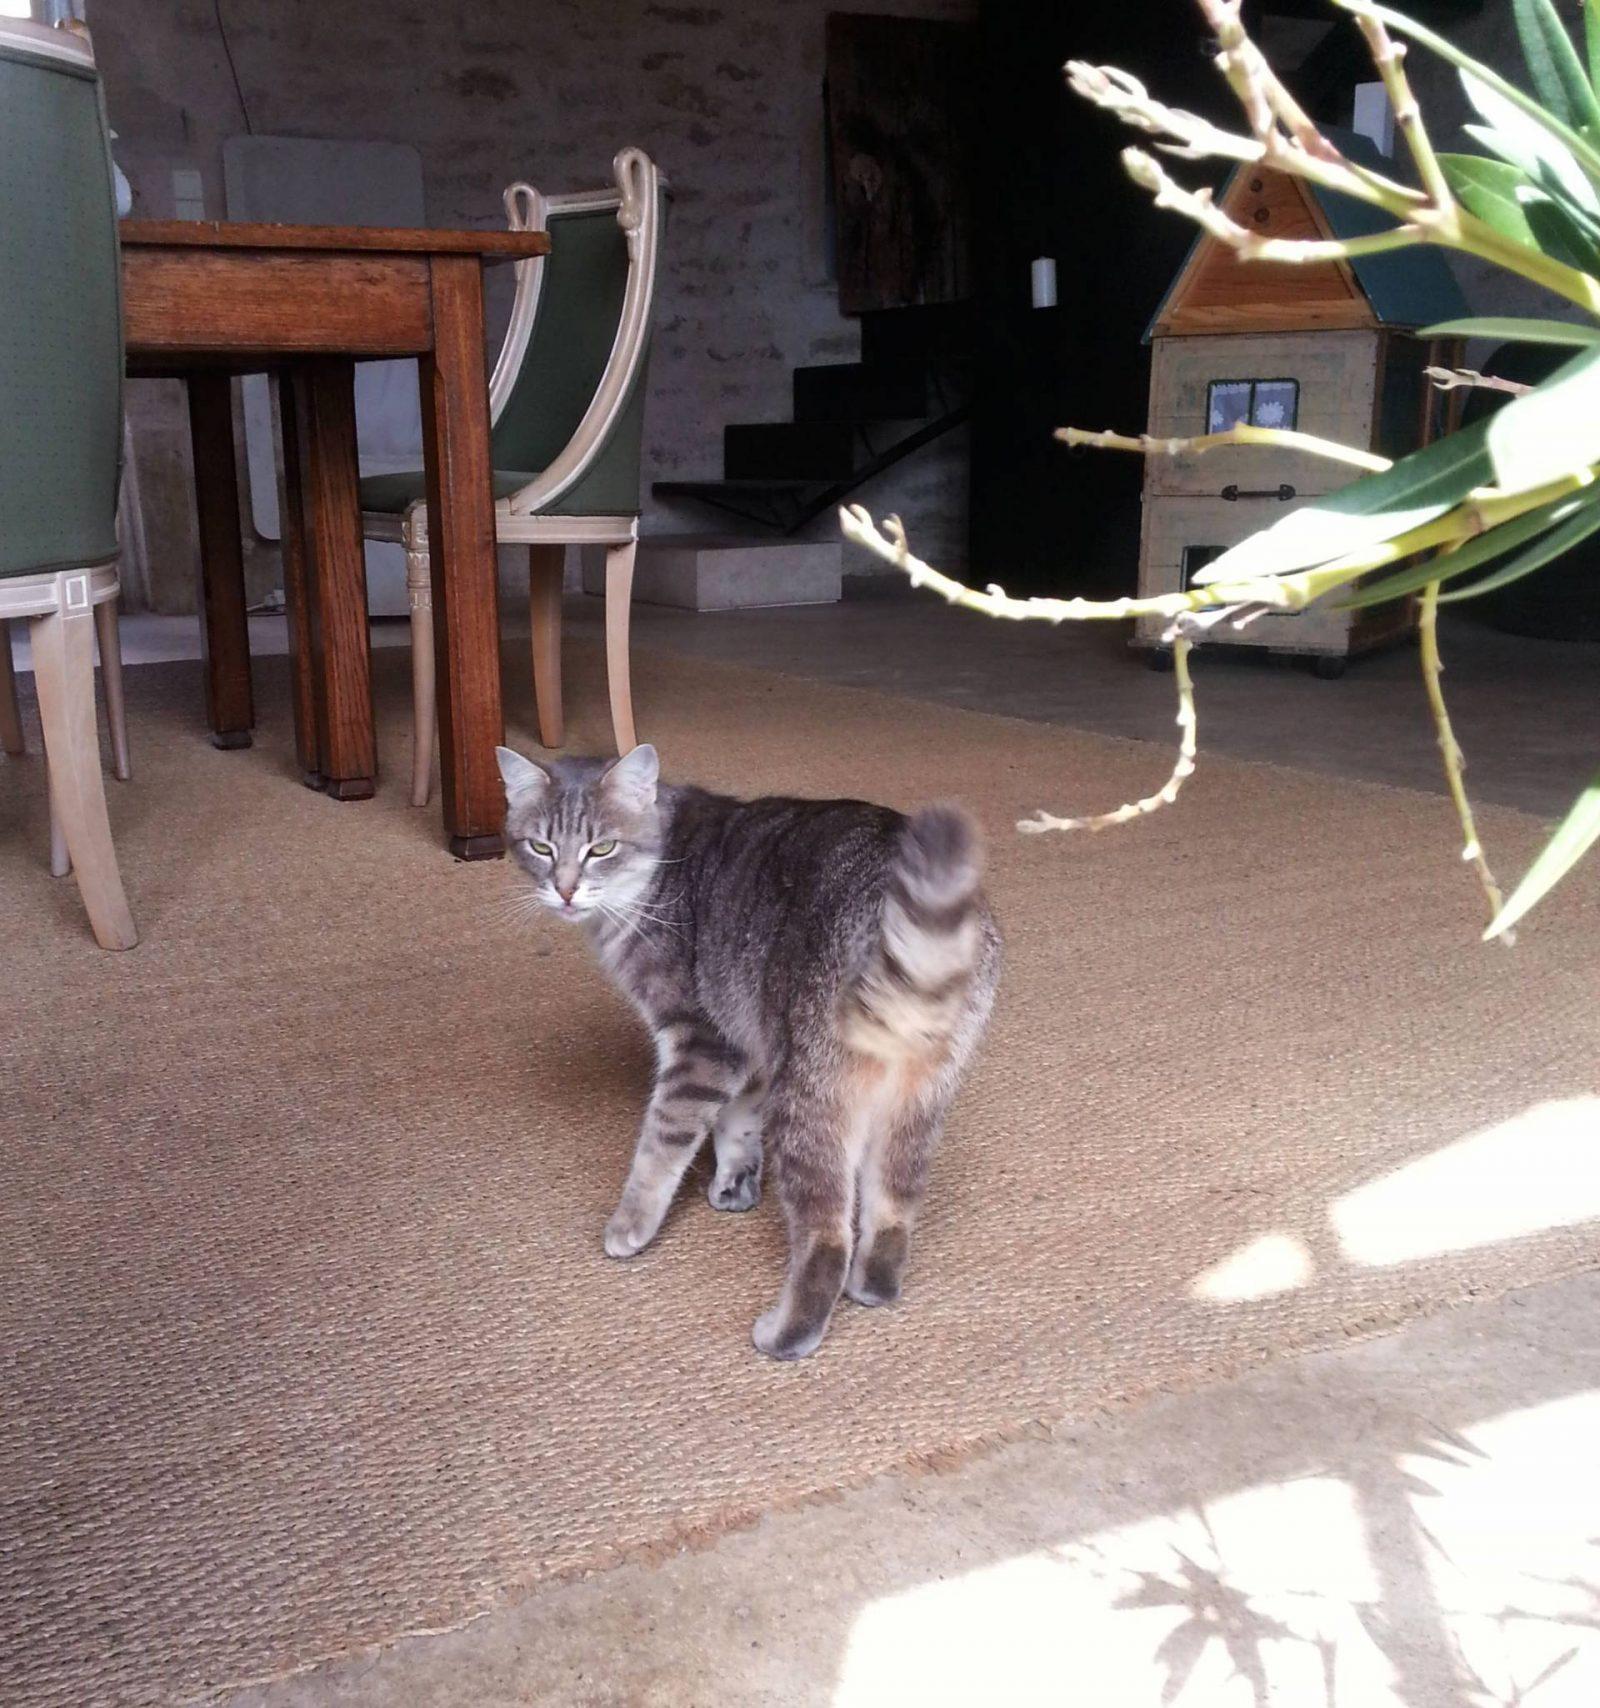 Rhubard the cat